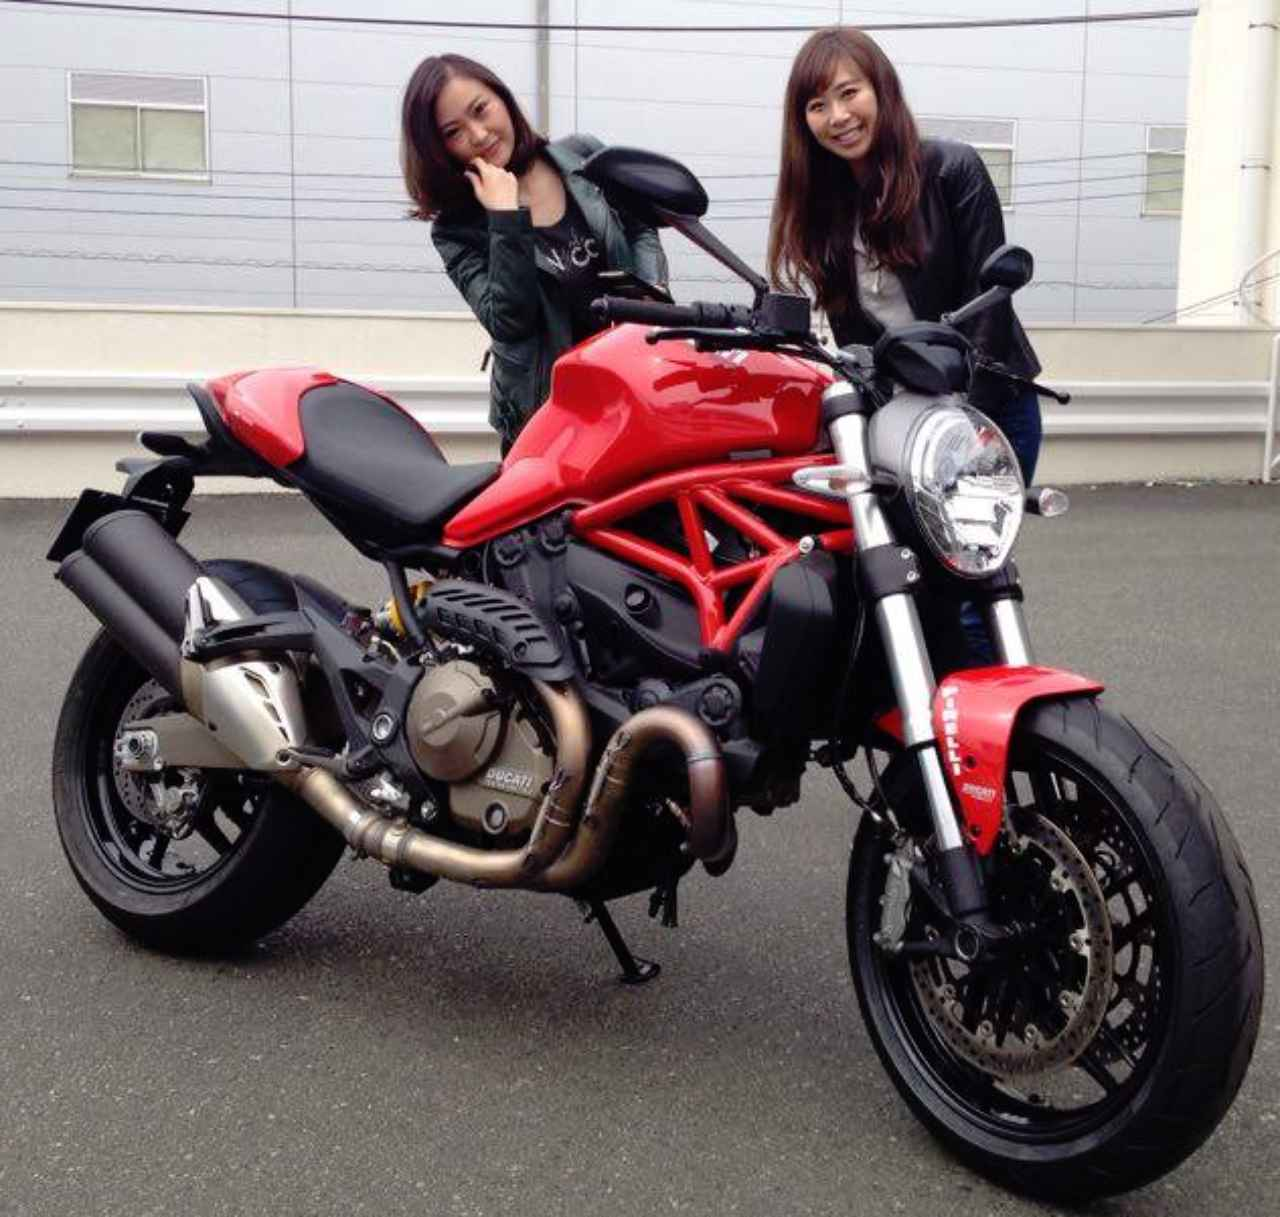 Ducati Vietnam Facebook